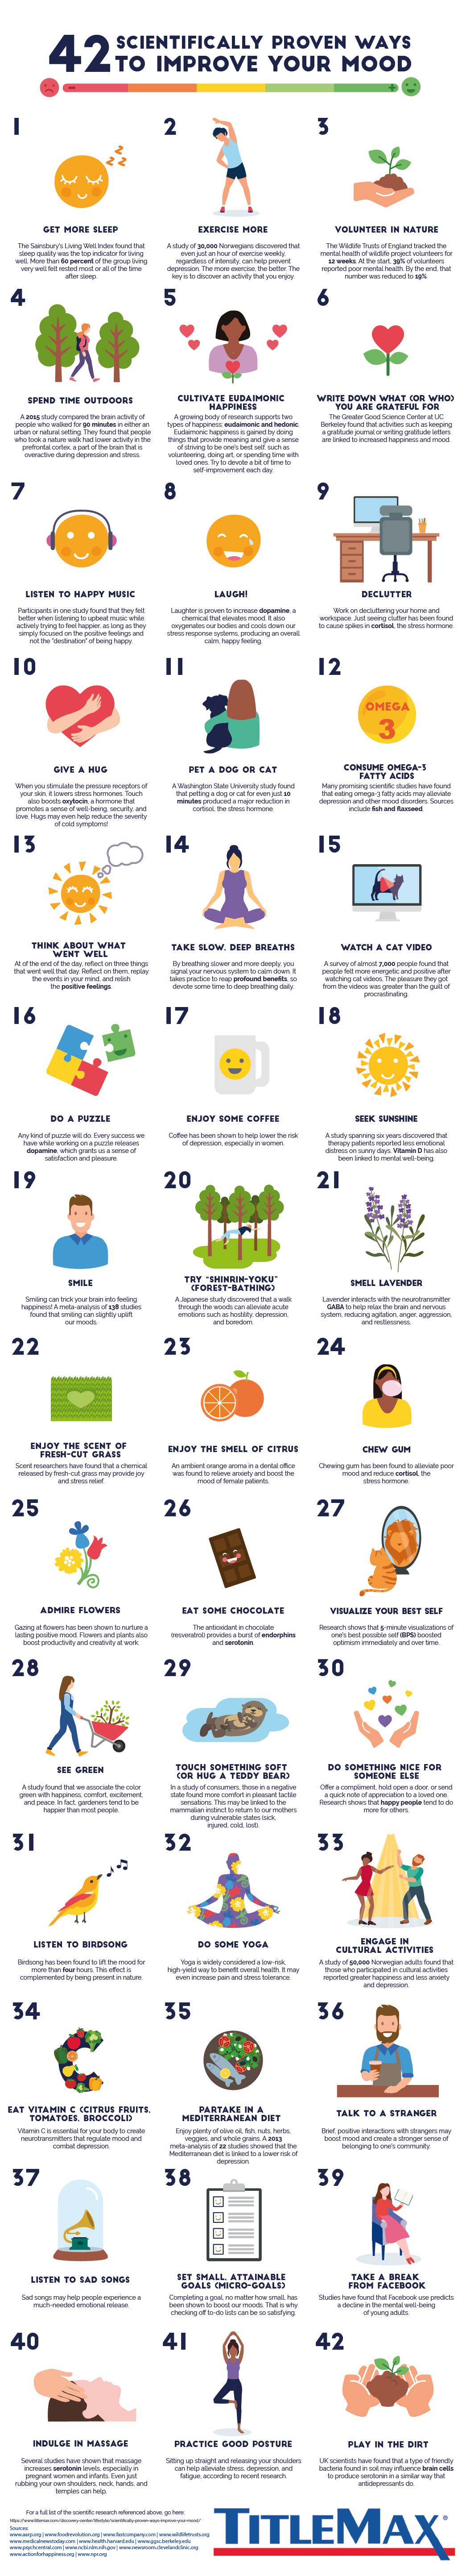 42 научно проверенных способа улучшить настроение - TitleMax .com - Infographic